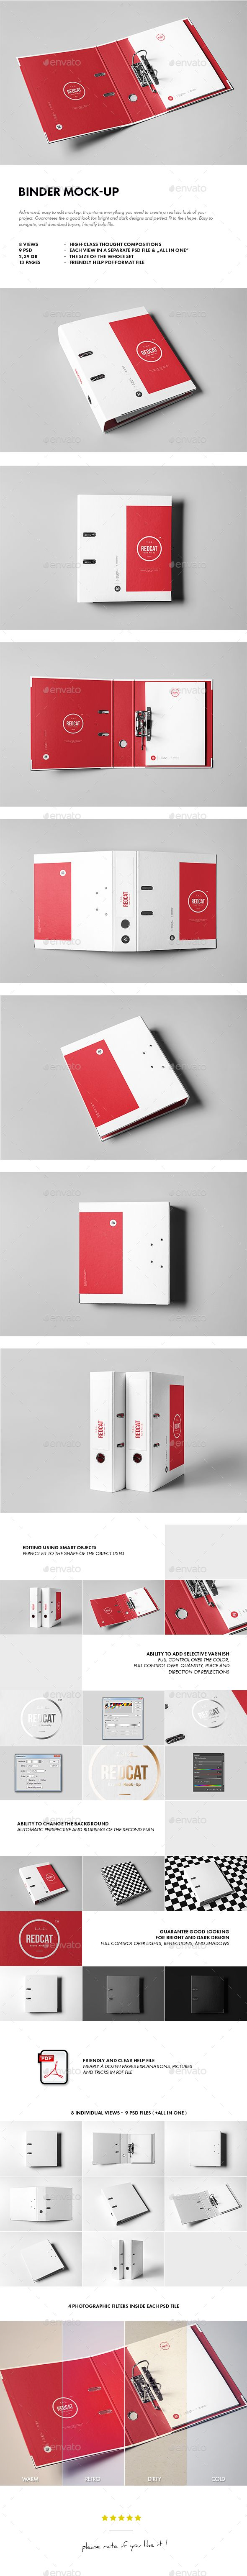 8 Photorealistic Binder Mock-up. Download here: http://graphicriver.net/item/binder-mockup/14629983?ref=ksioks